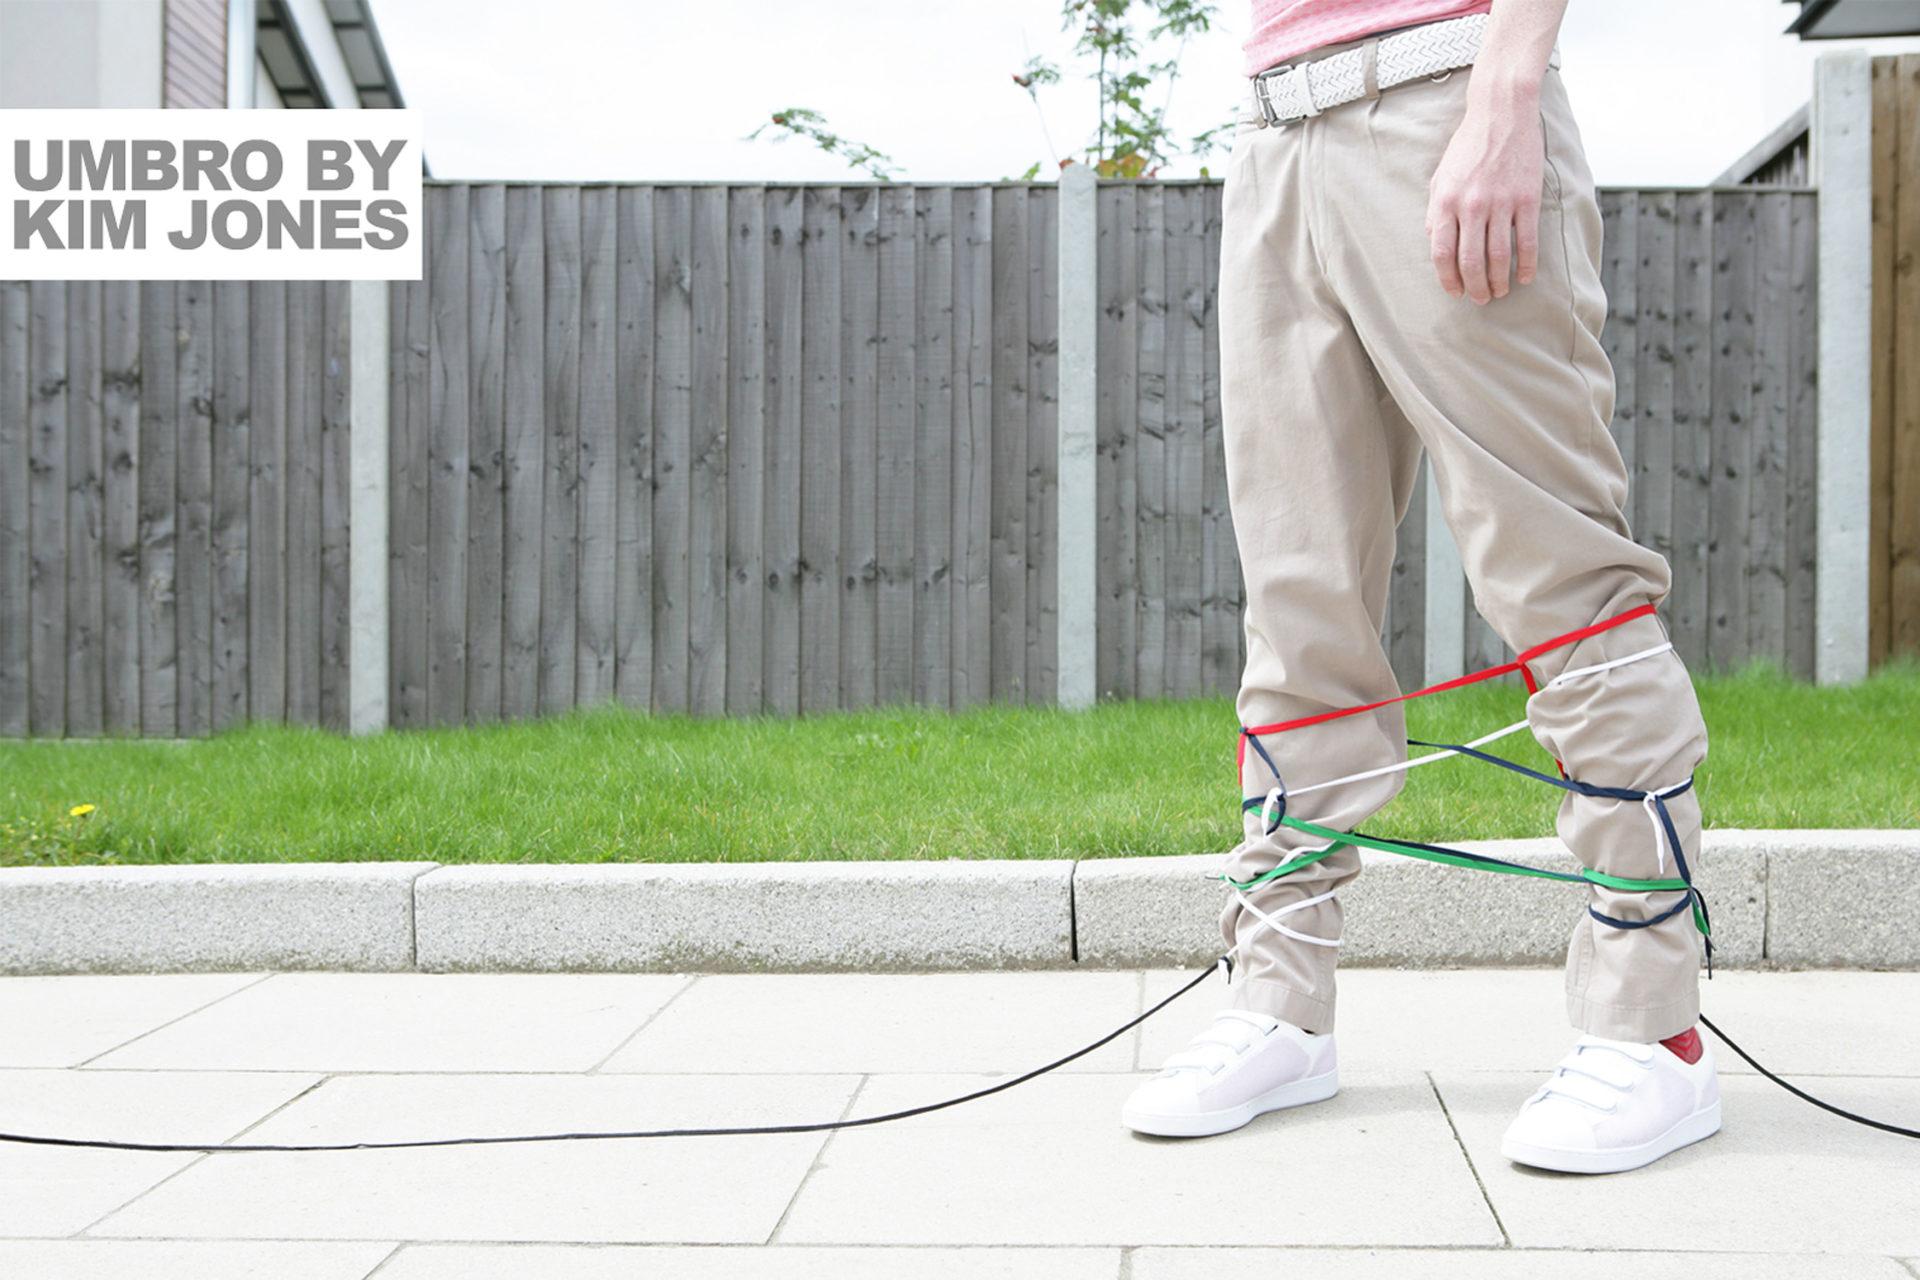 Shaw & Shaw – Umbro Kim Jones – shoelaces – Shaw and Shaw Advertising photographers photographer photography